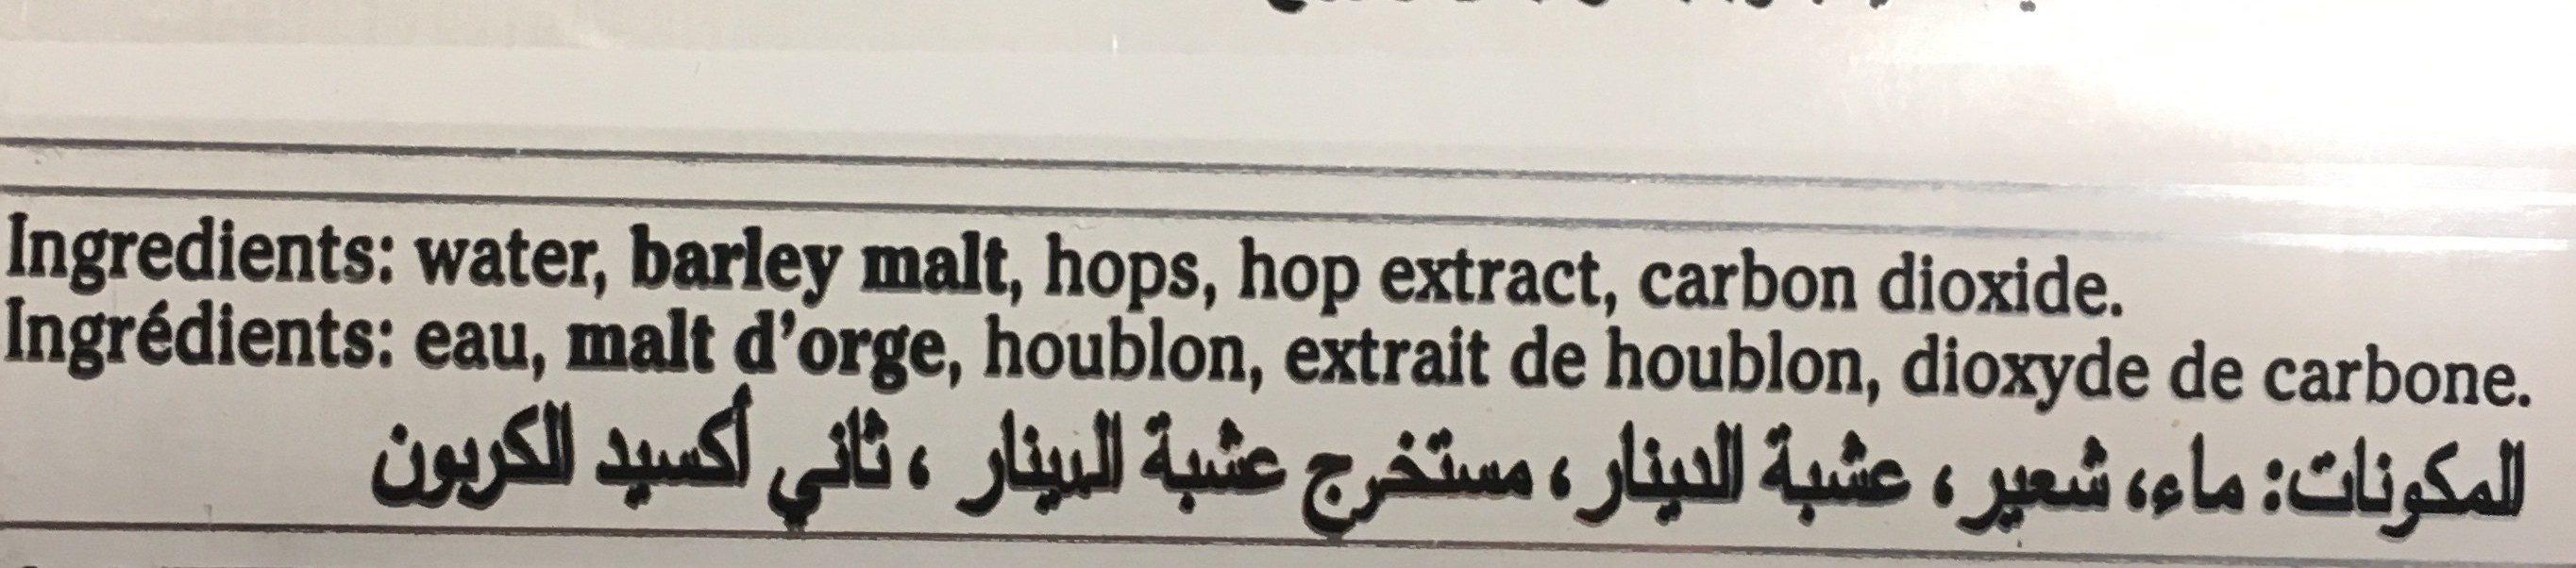 3 horses - Ingredients